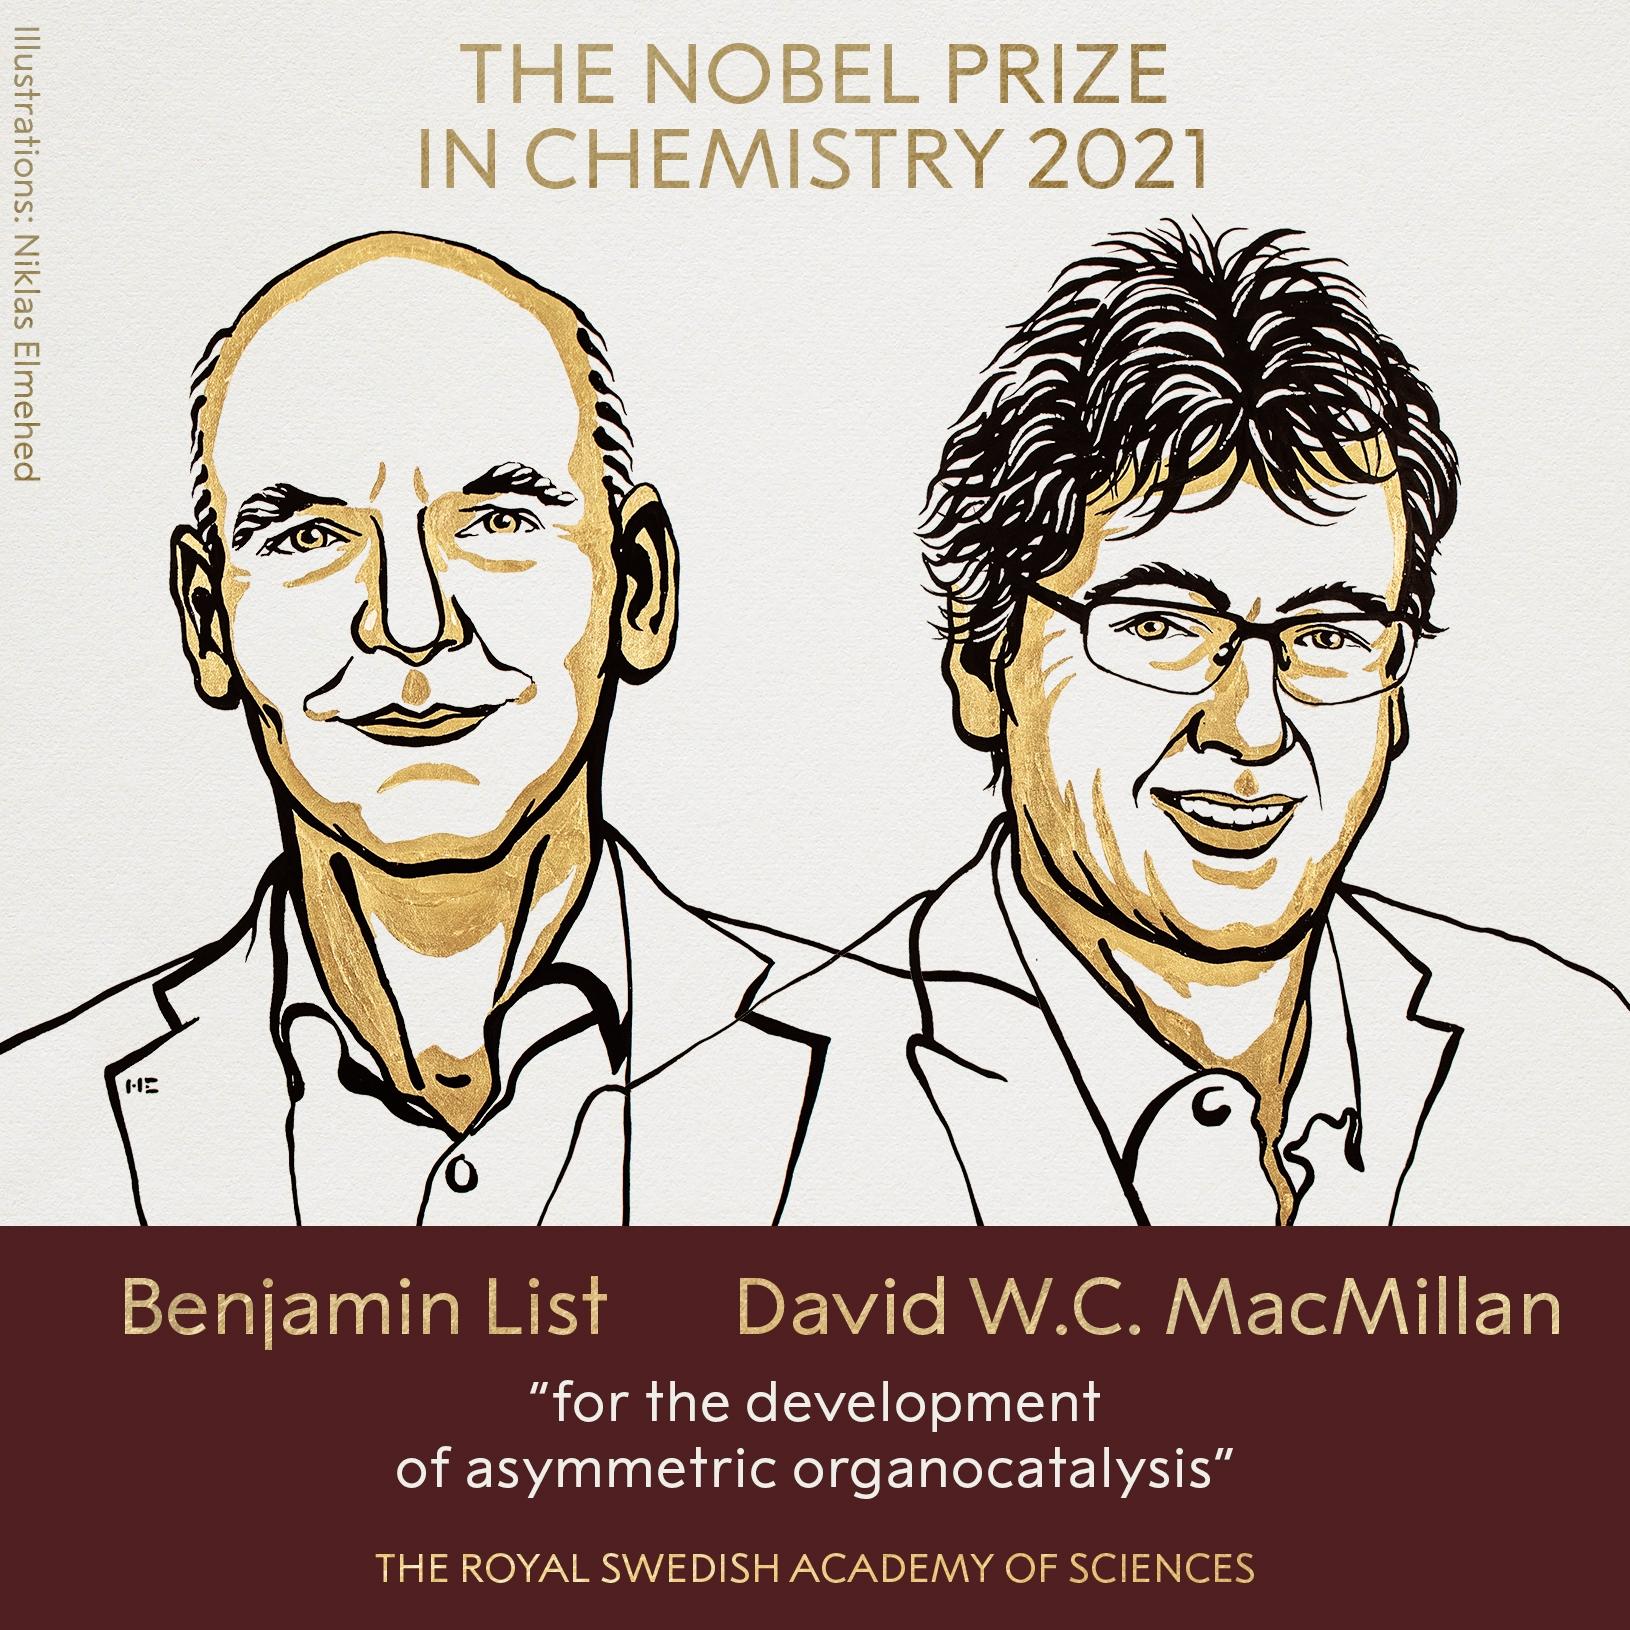 Названы лауреаты Нобелевской премии по химии - фото №1